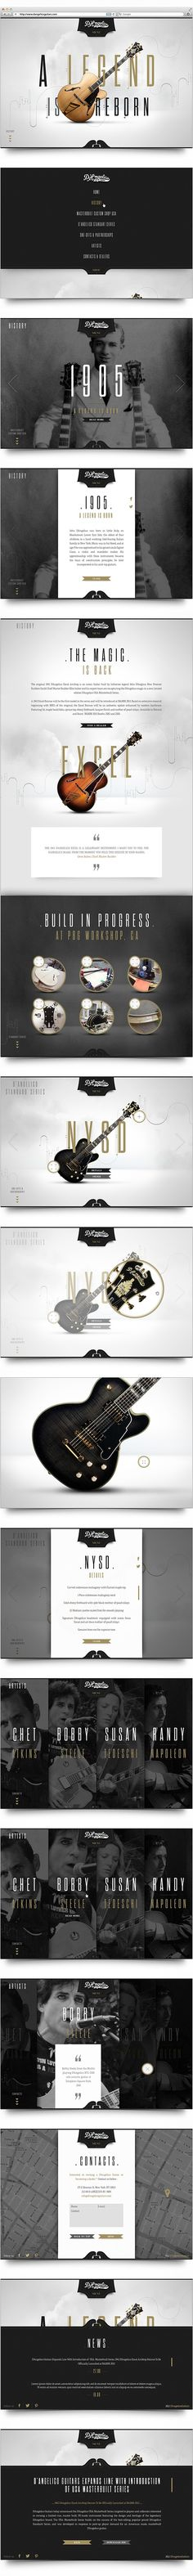 UI, UX, Website, App / D\\\'Angelico Guitars on Behance